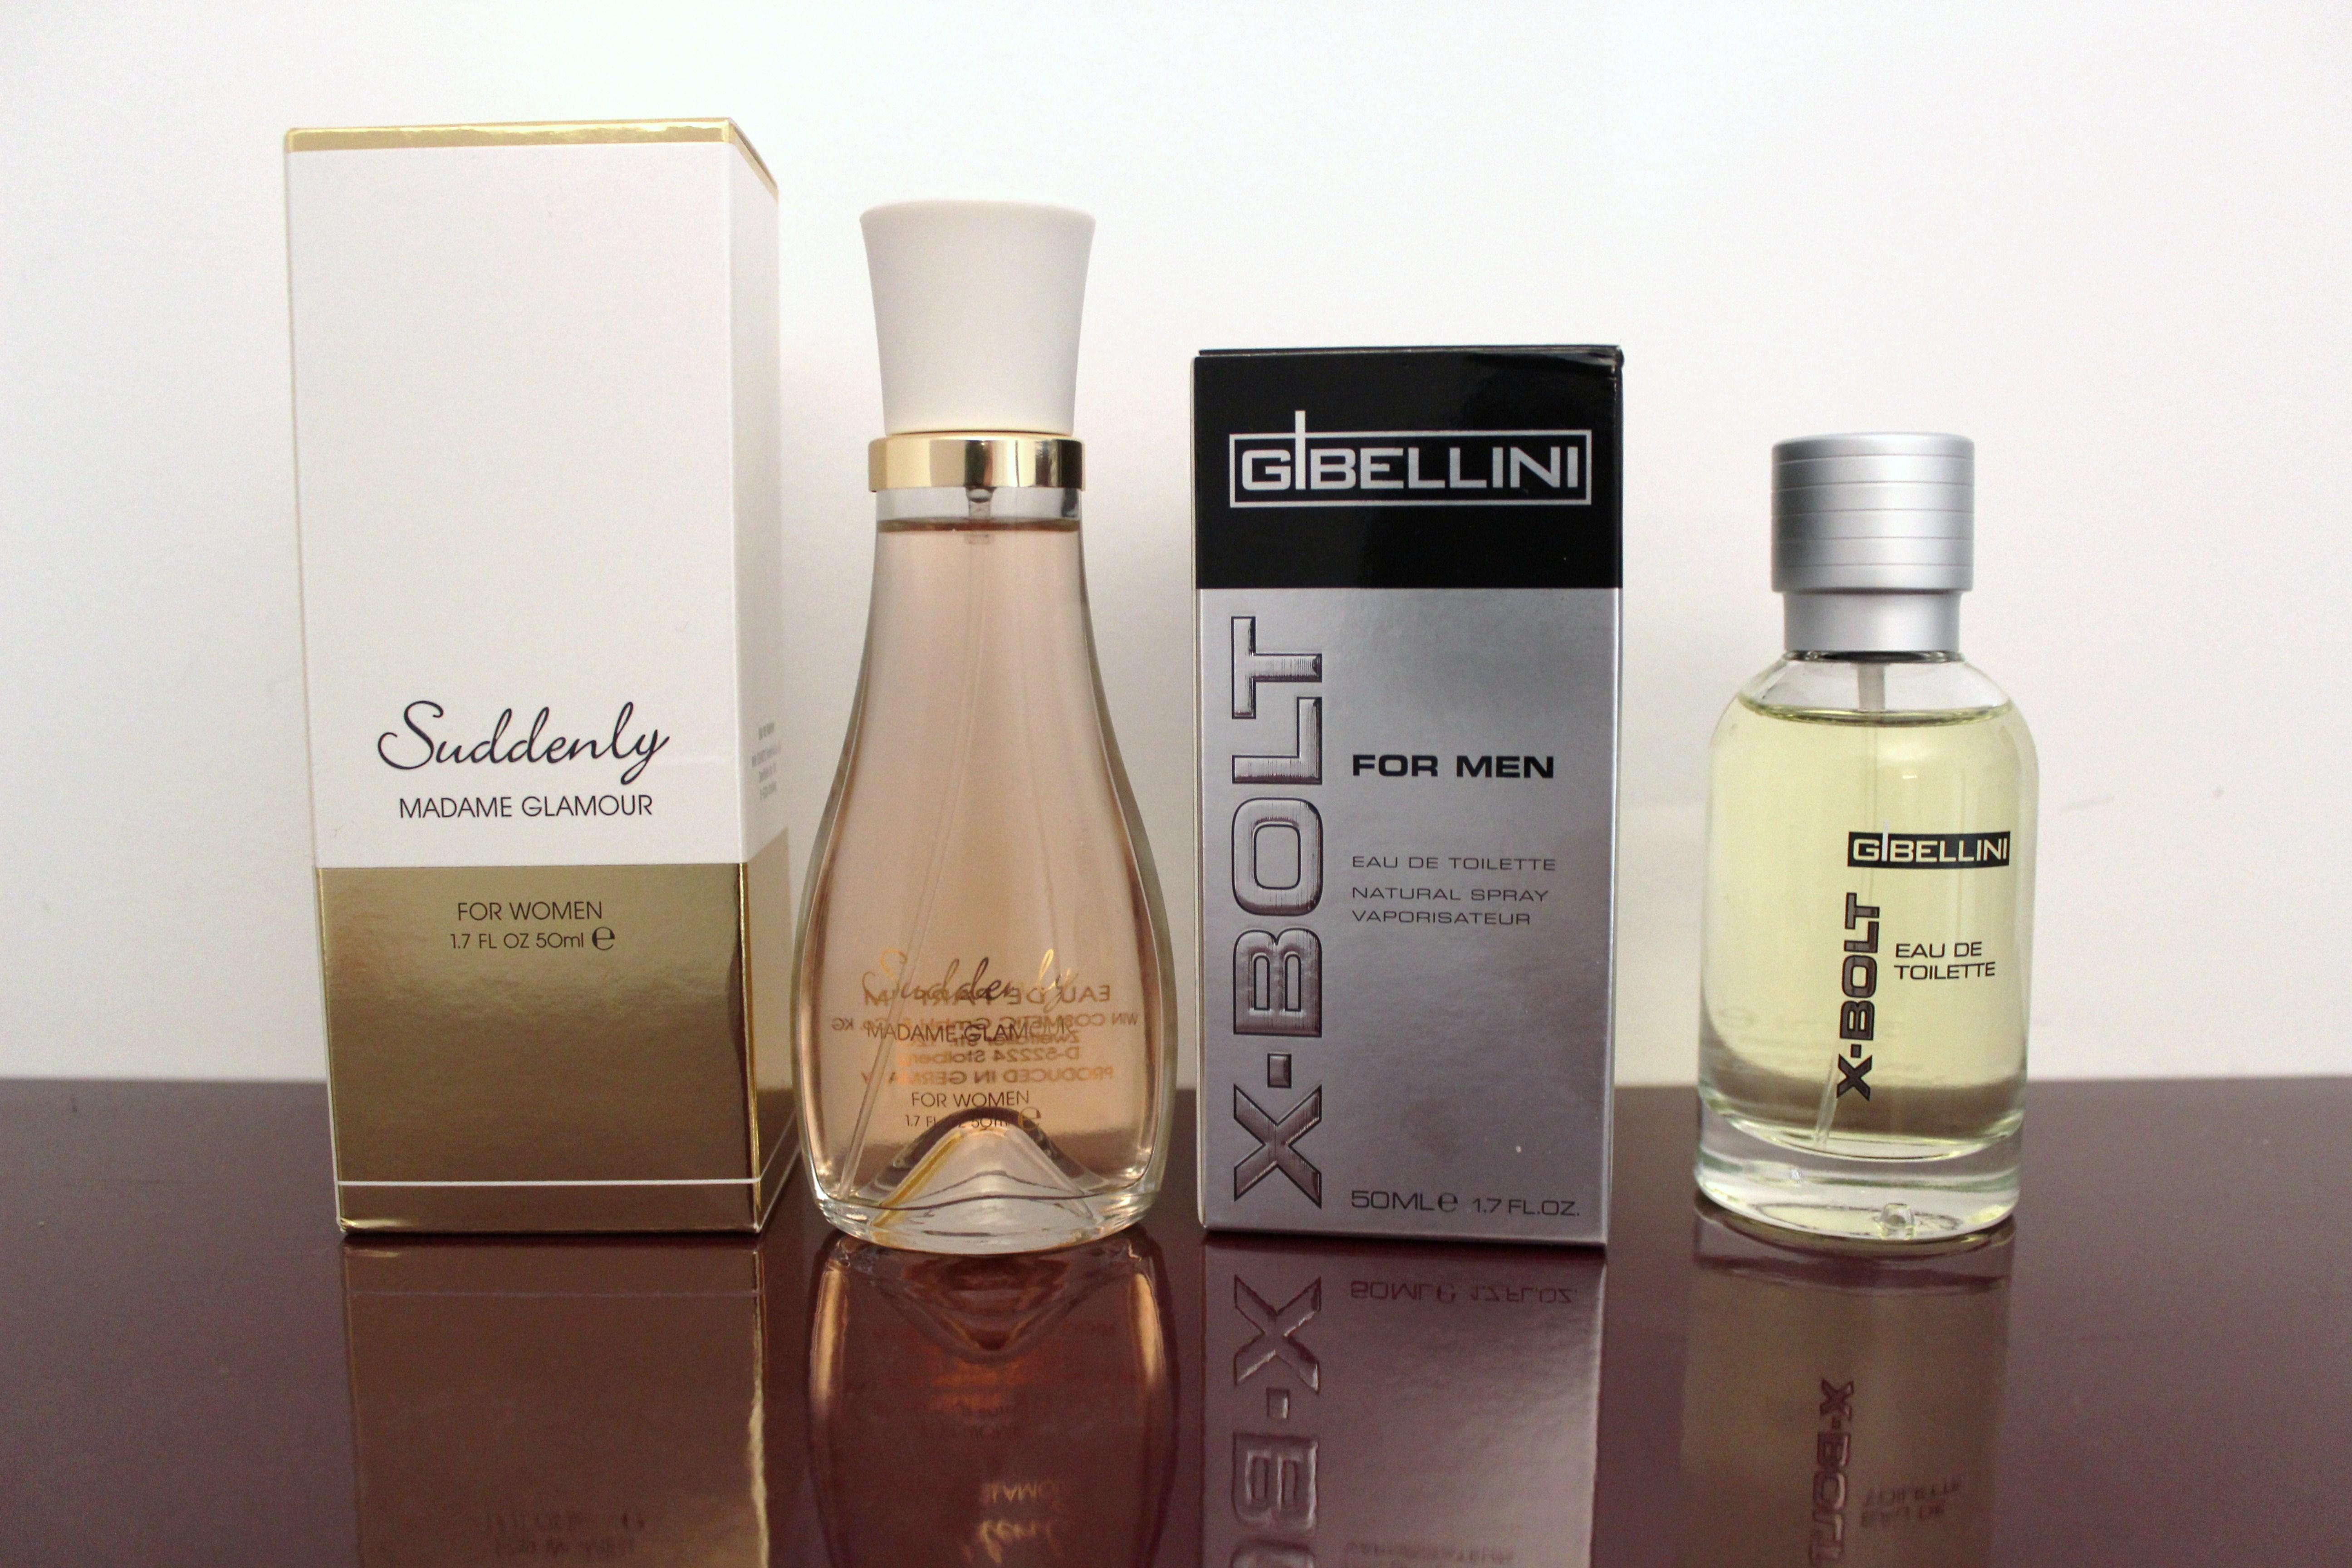 Les LidlMlle De Valentin Saint Délicieuse Parfums Okn8w0P